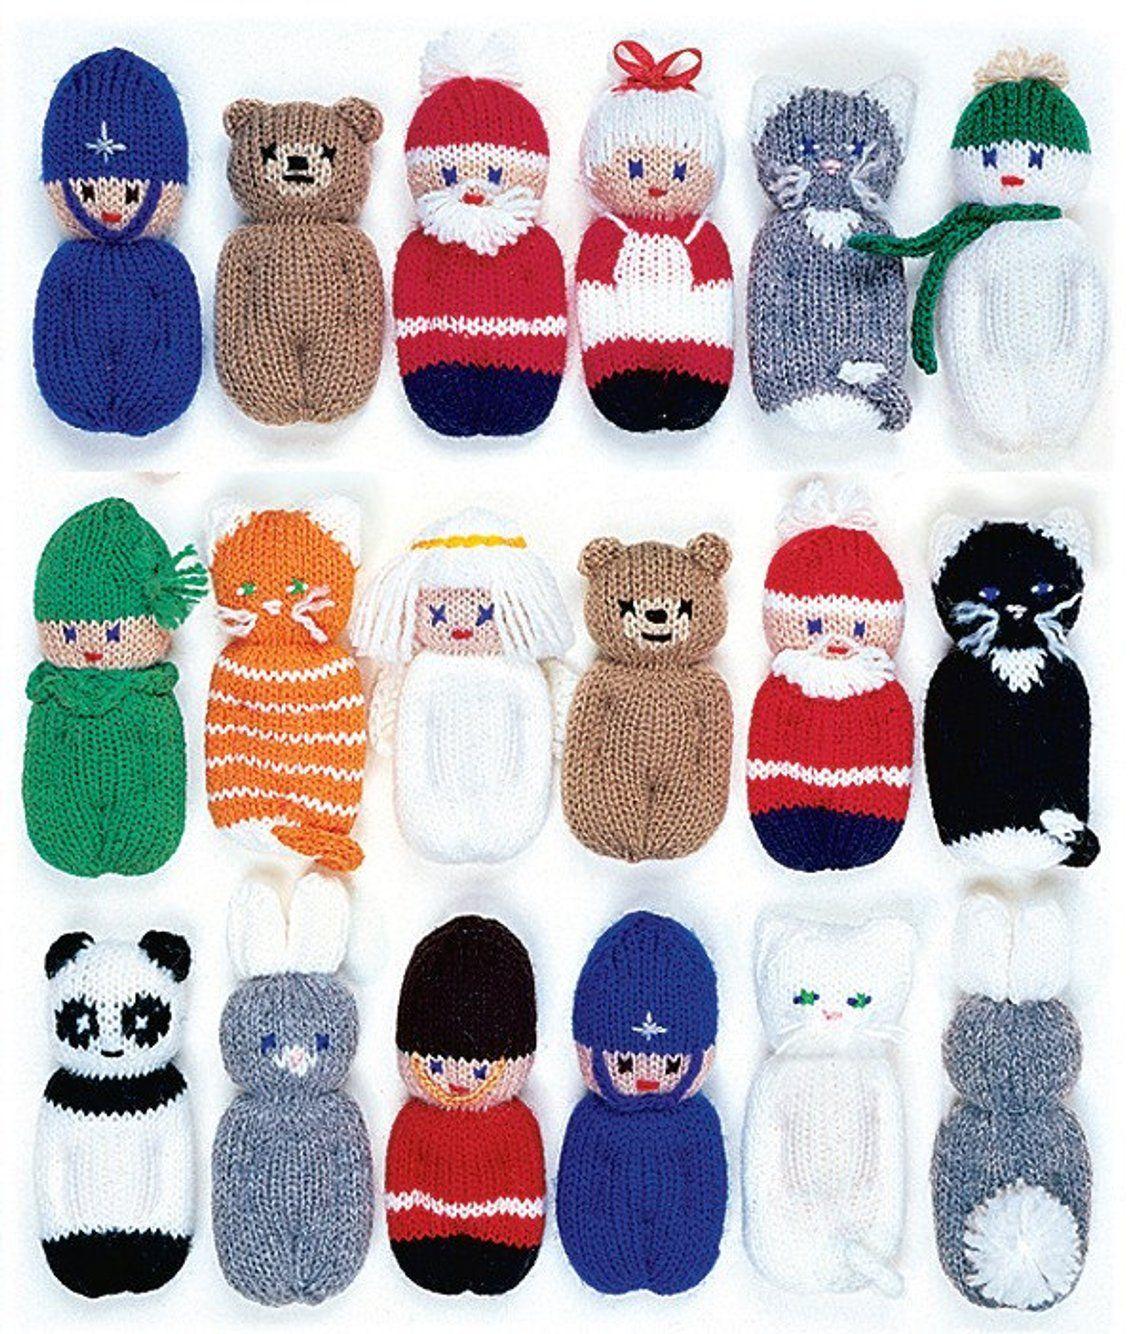 Photo of Eksempelbok juletre dekorasjoner (for strikking for hånd eller maskin)